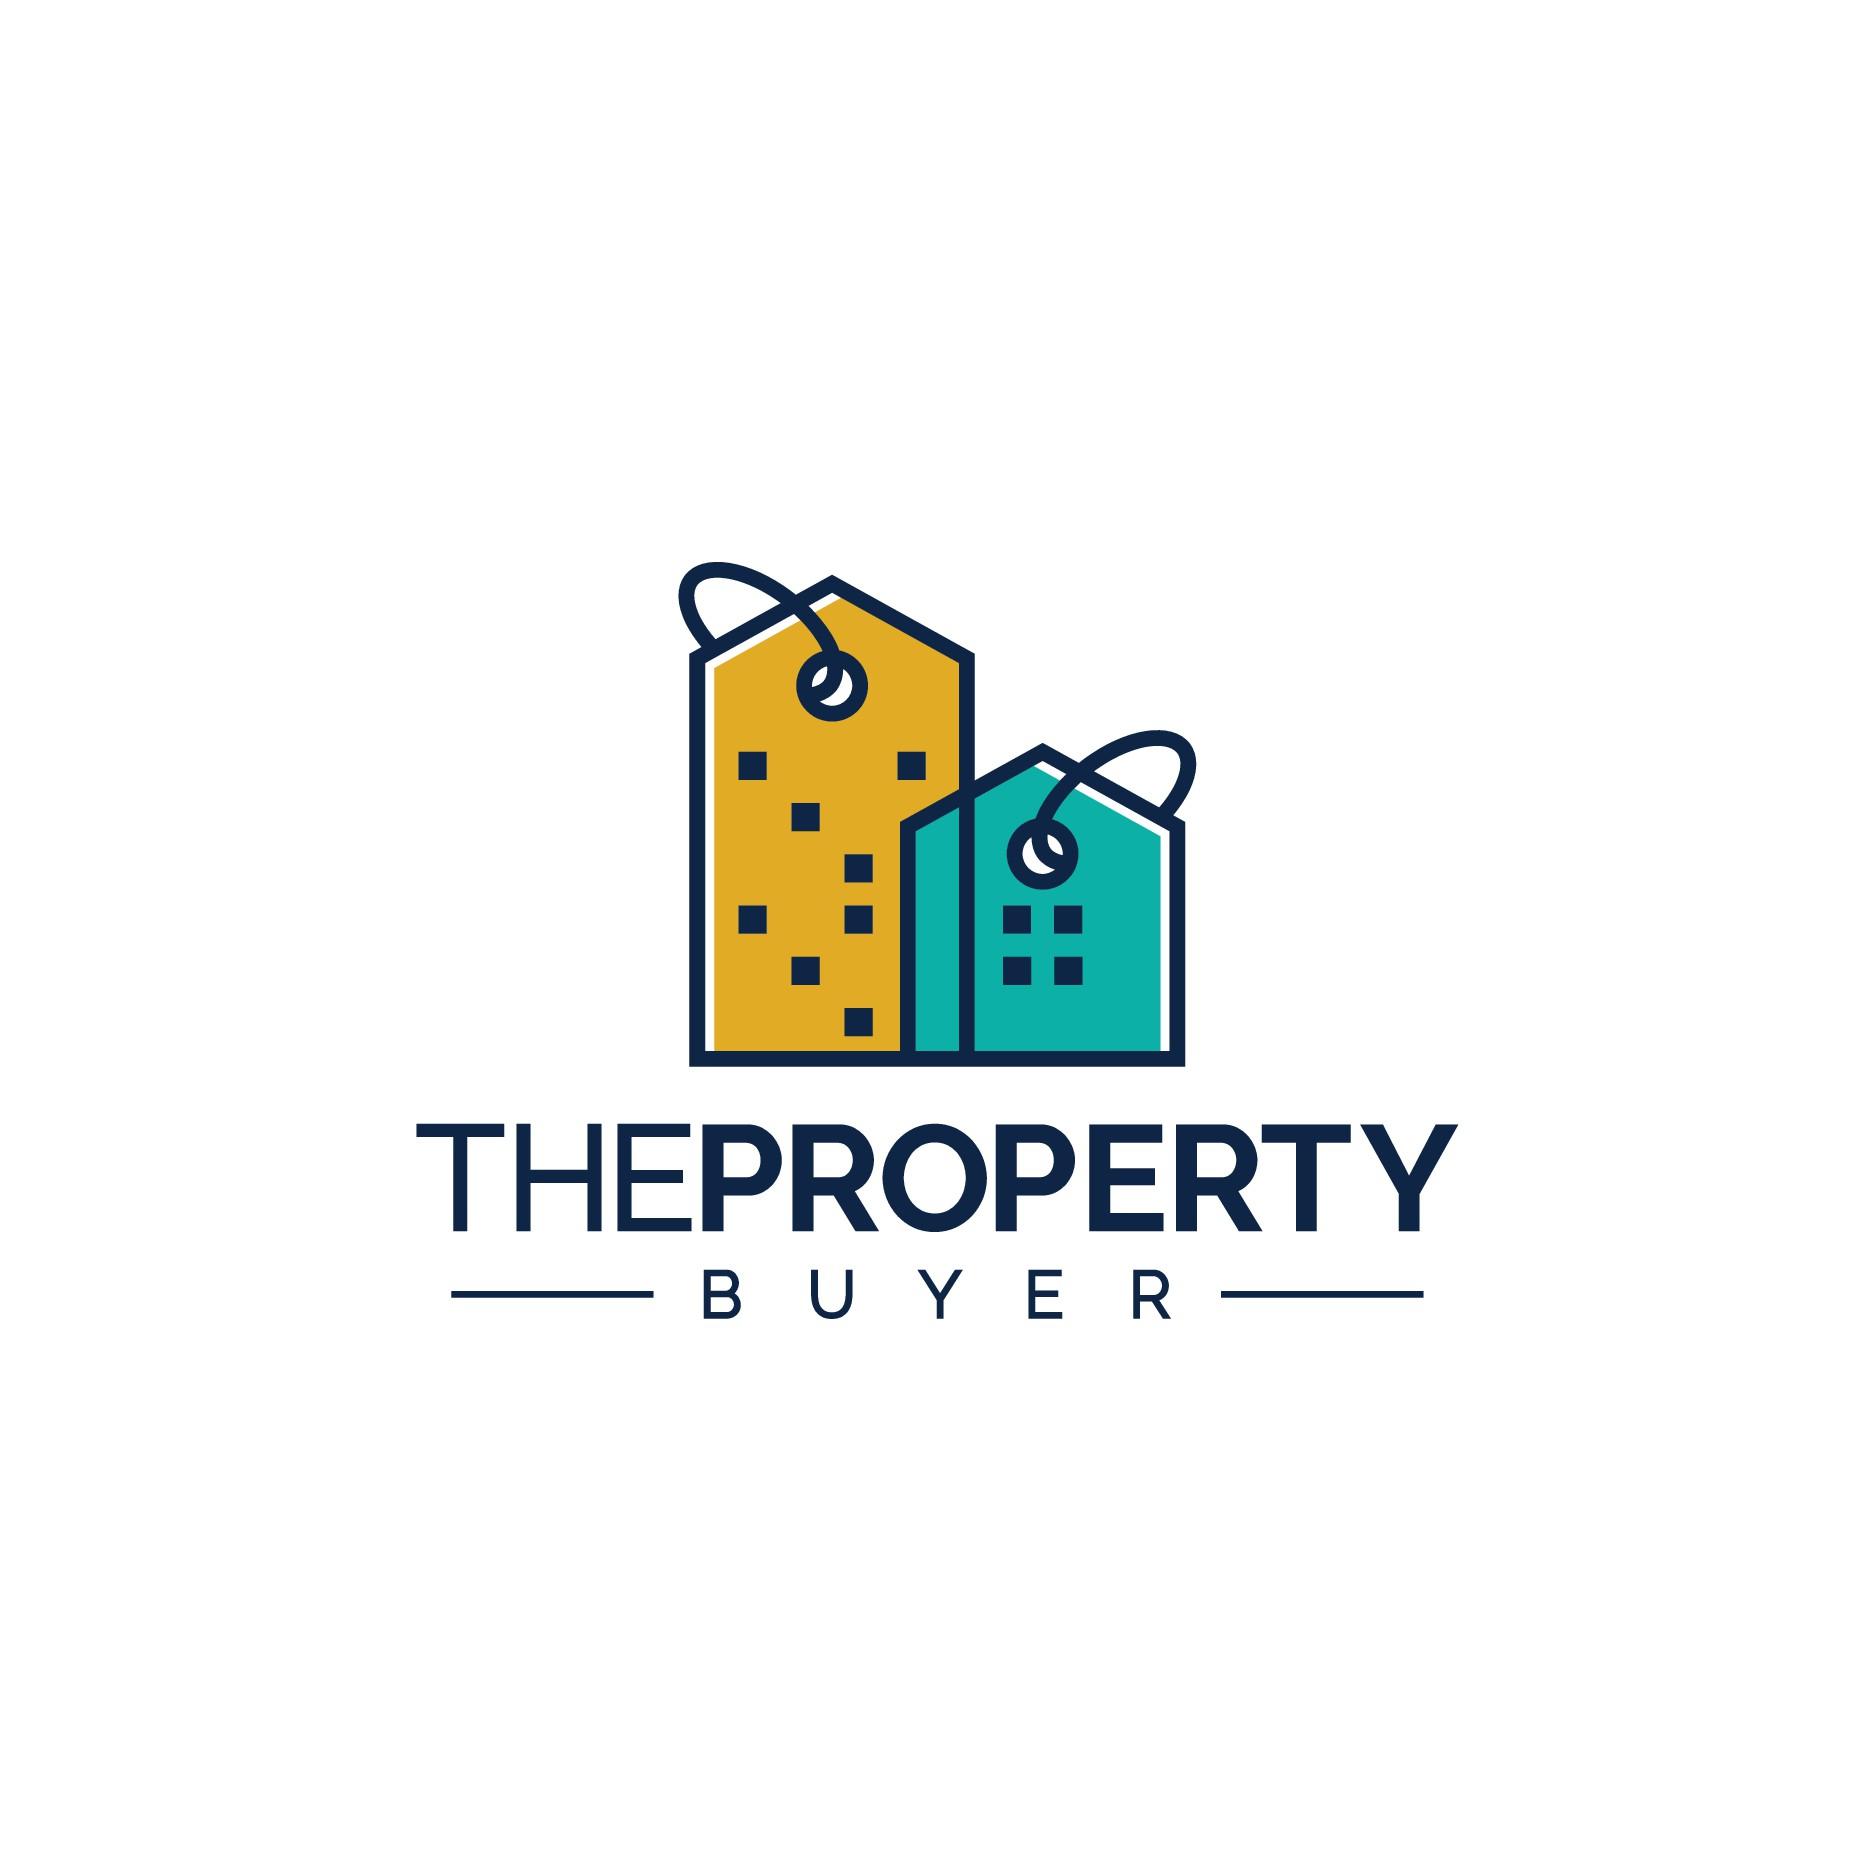 House buyer needs attractive logo!